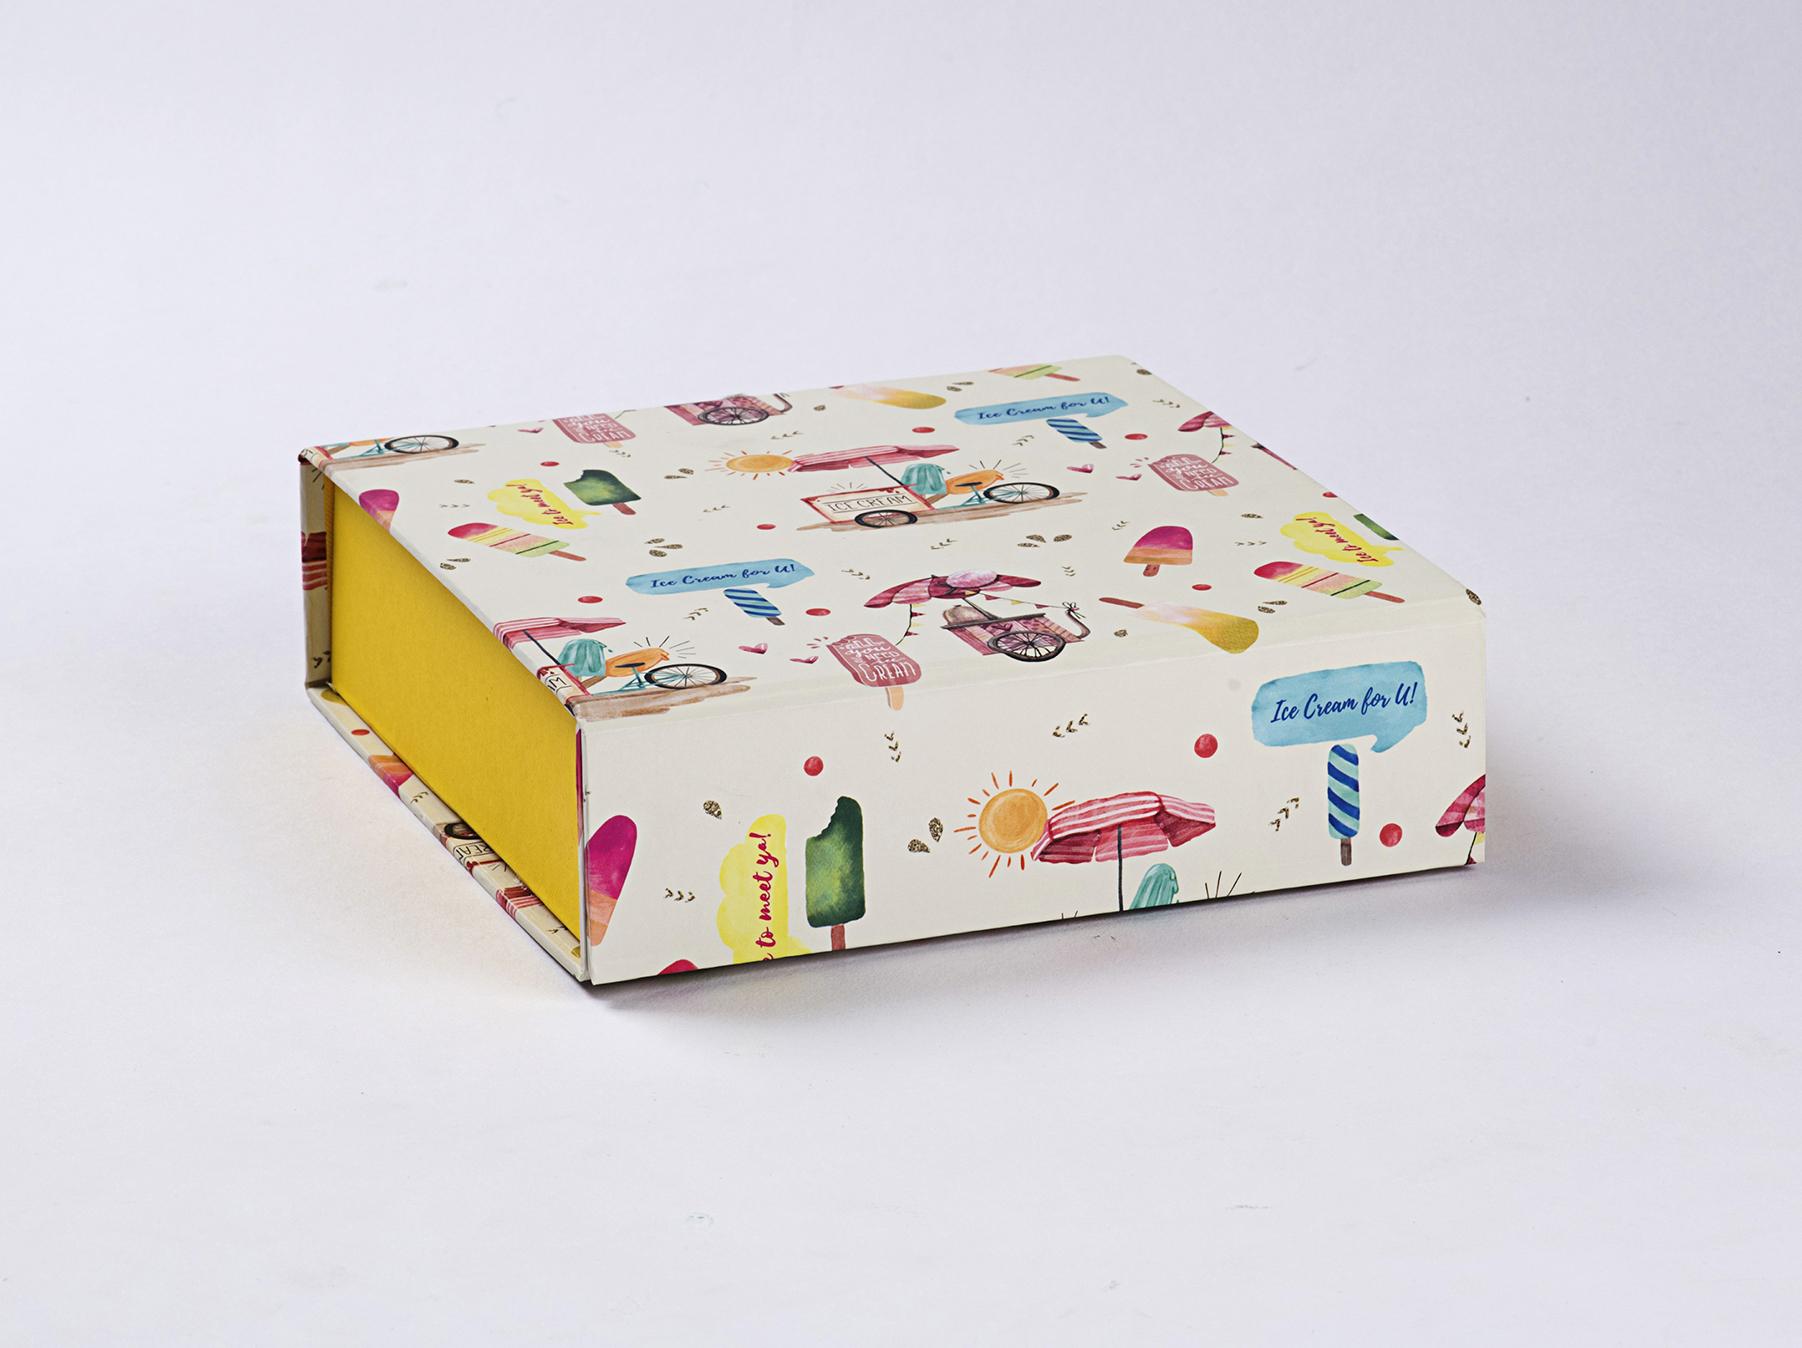 Ice Cream Gift Box.JPG